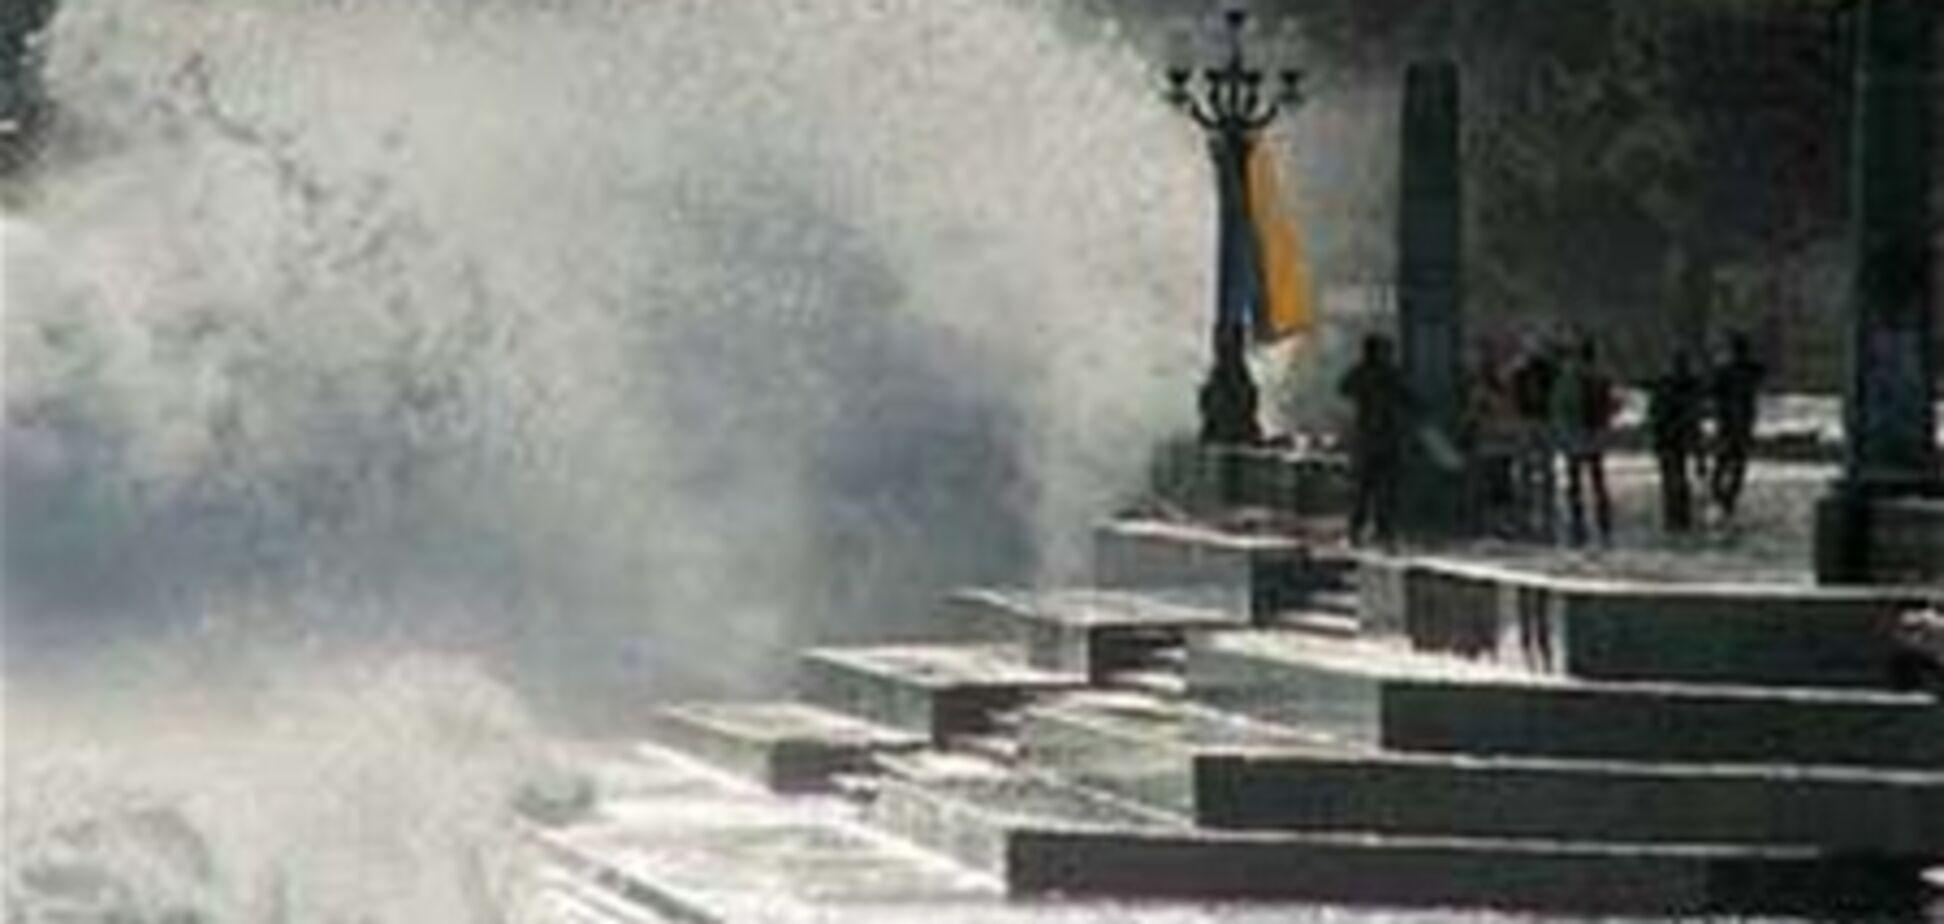 30 октября в Крыму объявили штормовое предупреждение